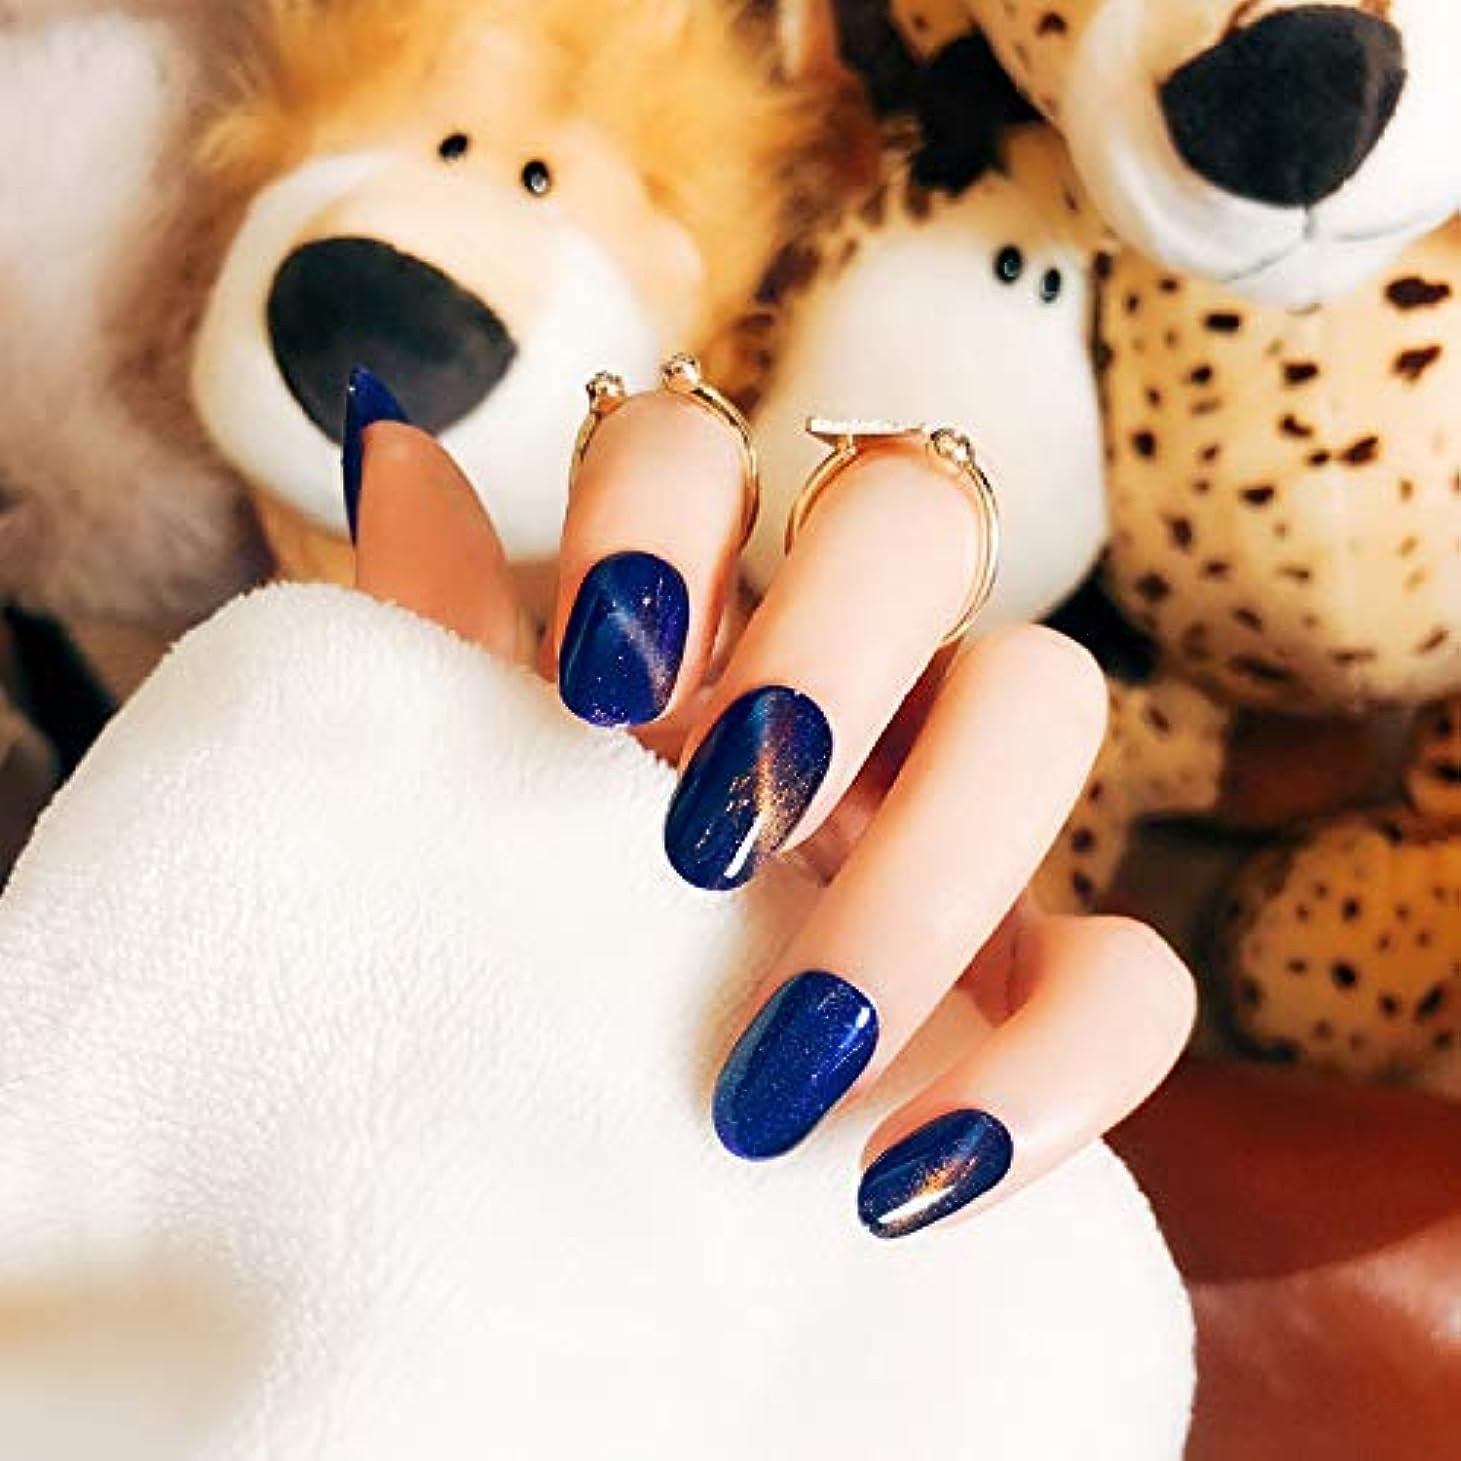 報奨金主流模倣ins人気のある 24個入り ネイルチップ ジェルネイルの光疗法 無地ネイルチップ 猫目石 手作りネイルアートチップ (ブルー)